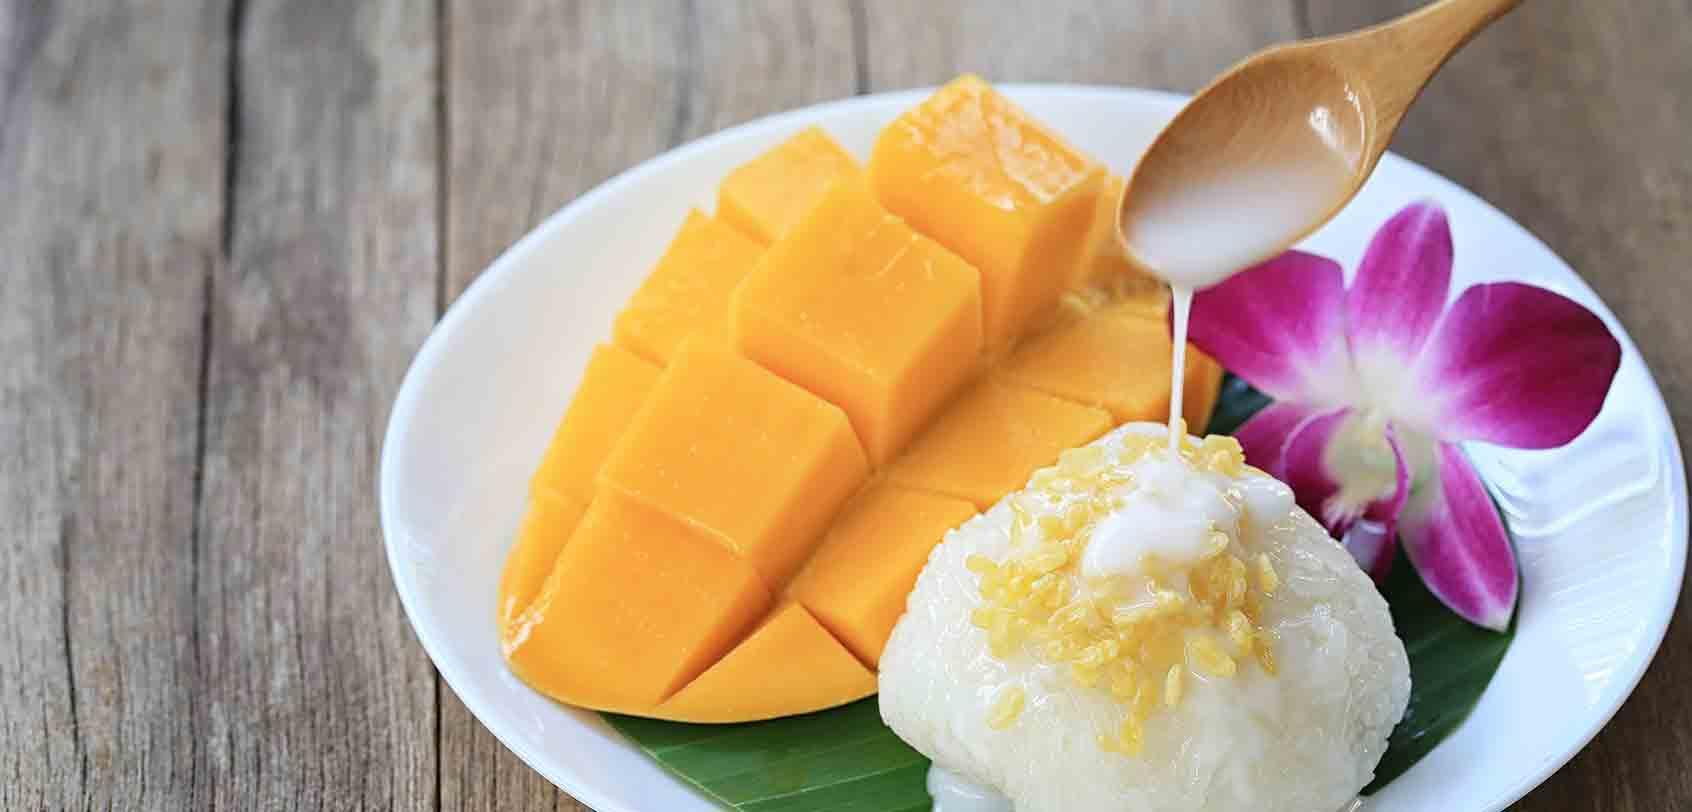 泰国美食:泰国十大必吃美食